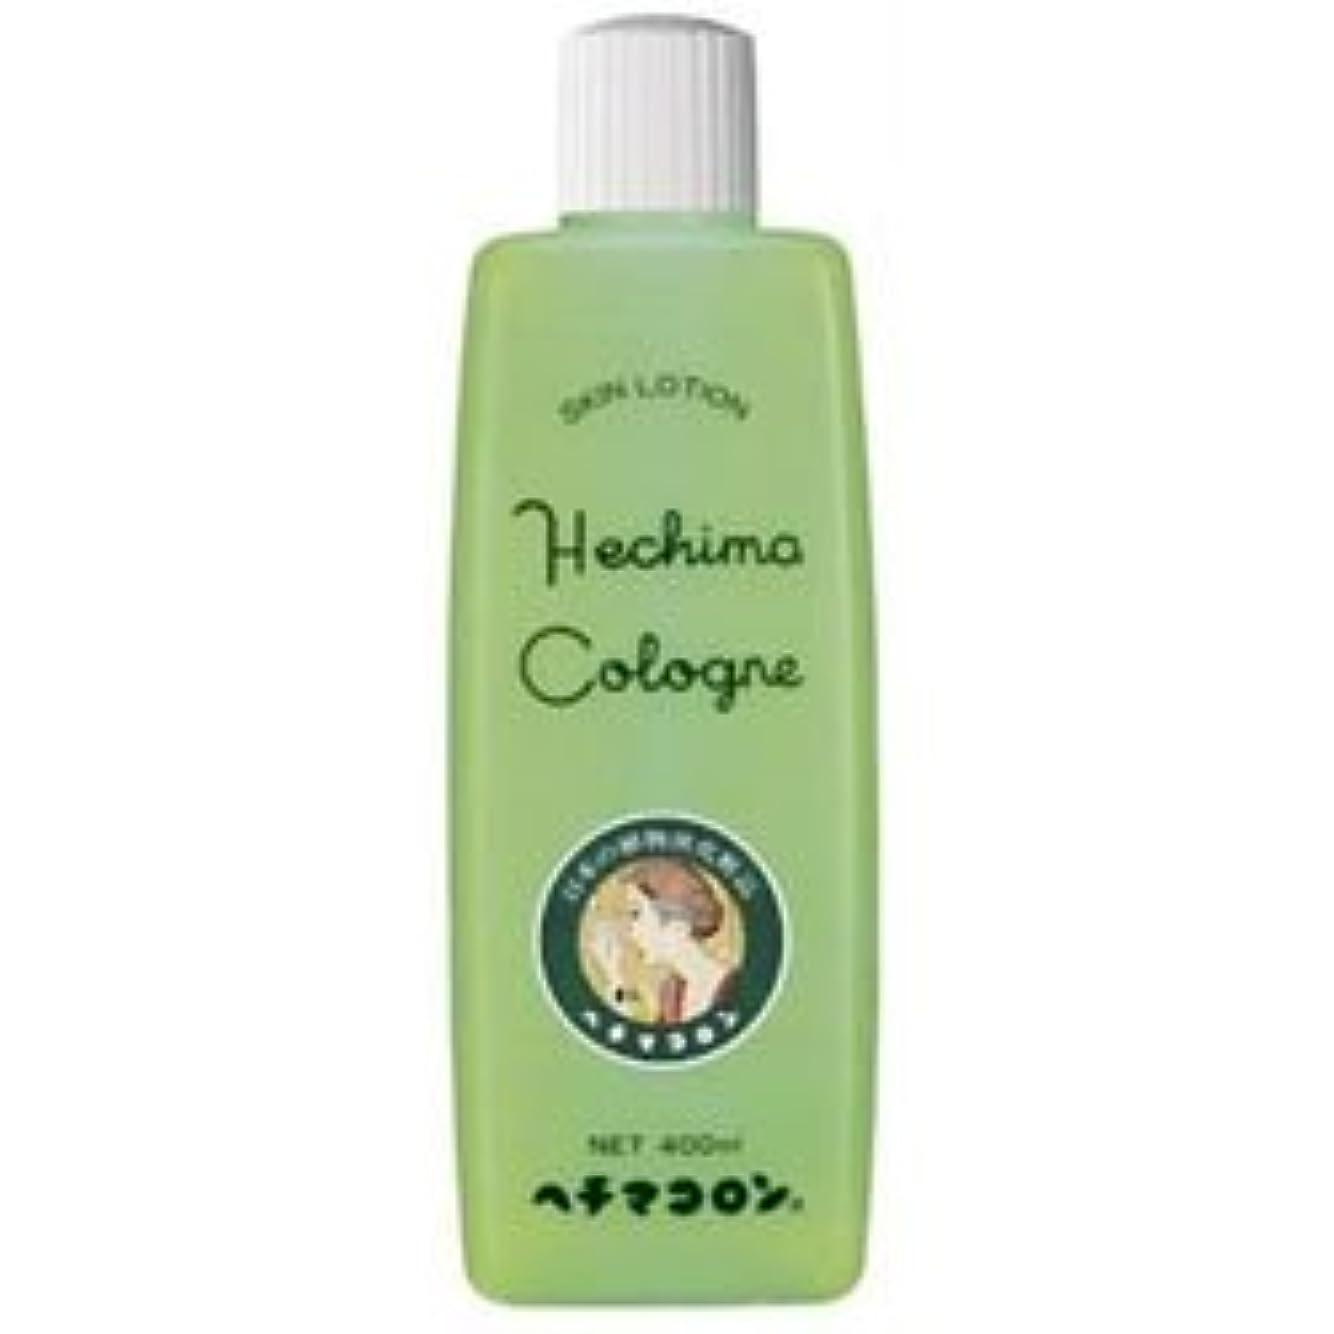 エンティティスロベニアフィッティング【ヘチマコロン】ヘチマコロンの化粧水 400ml ×3個セット